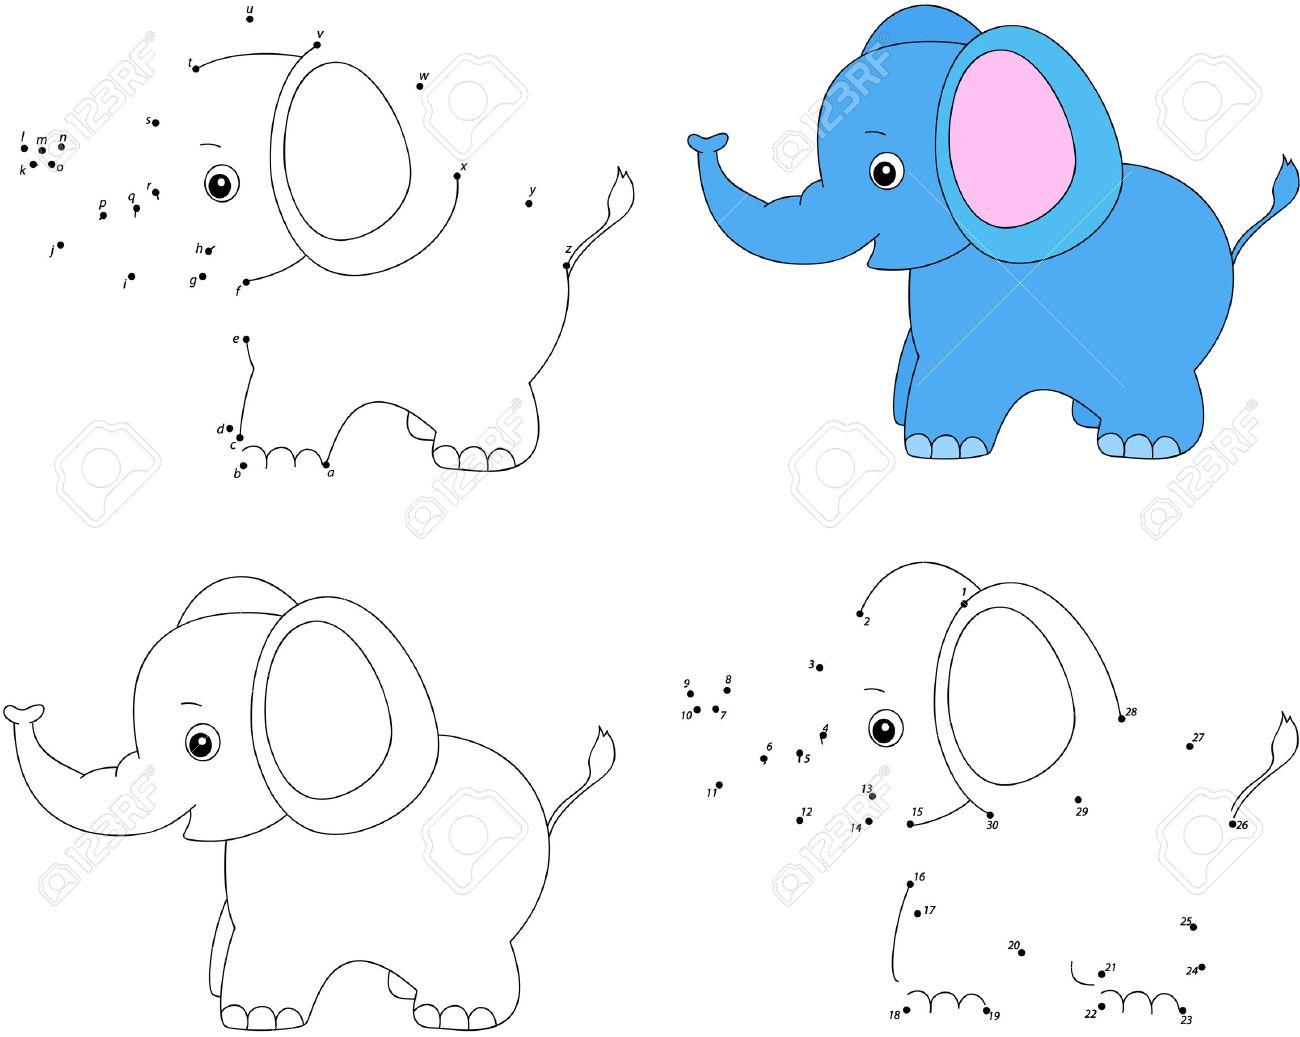 Fantástico Dibujos Animados Elefante Para Colorear Cresta - Dibujos ...